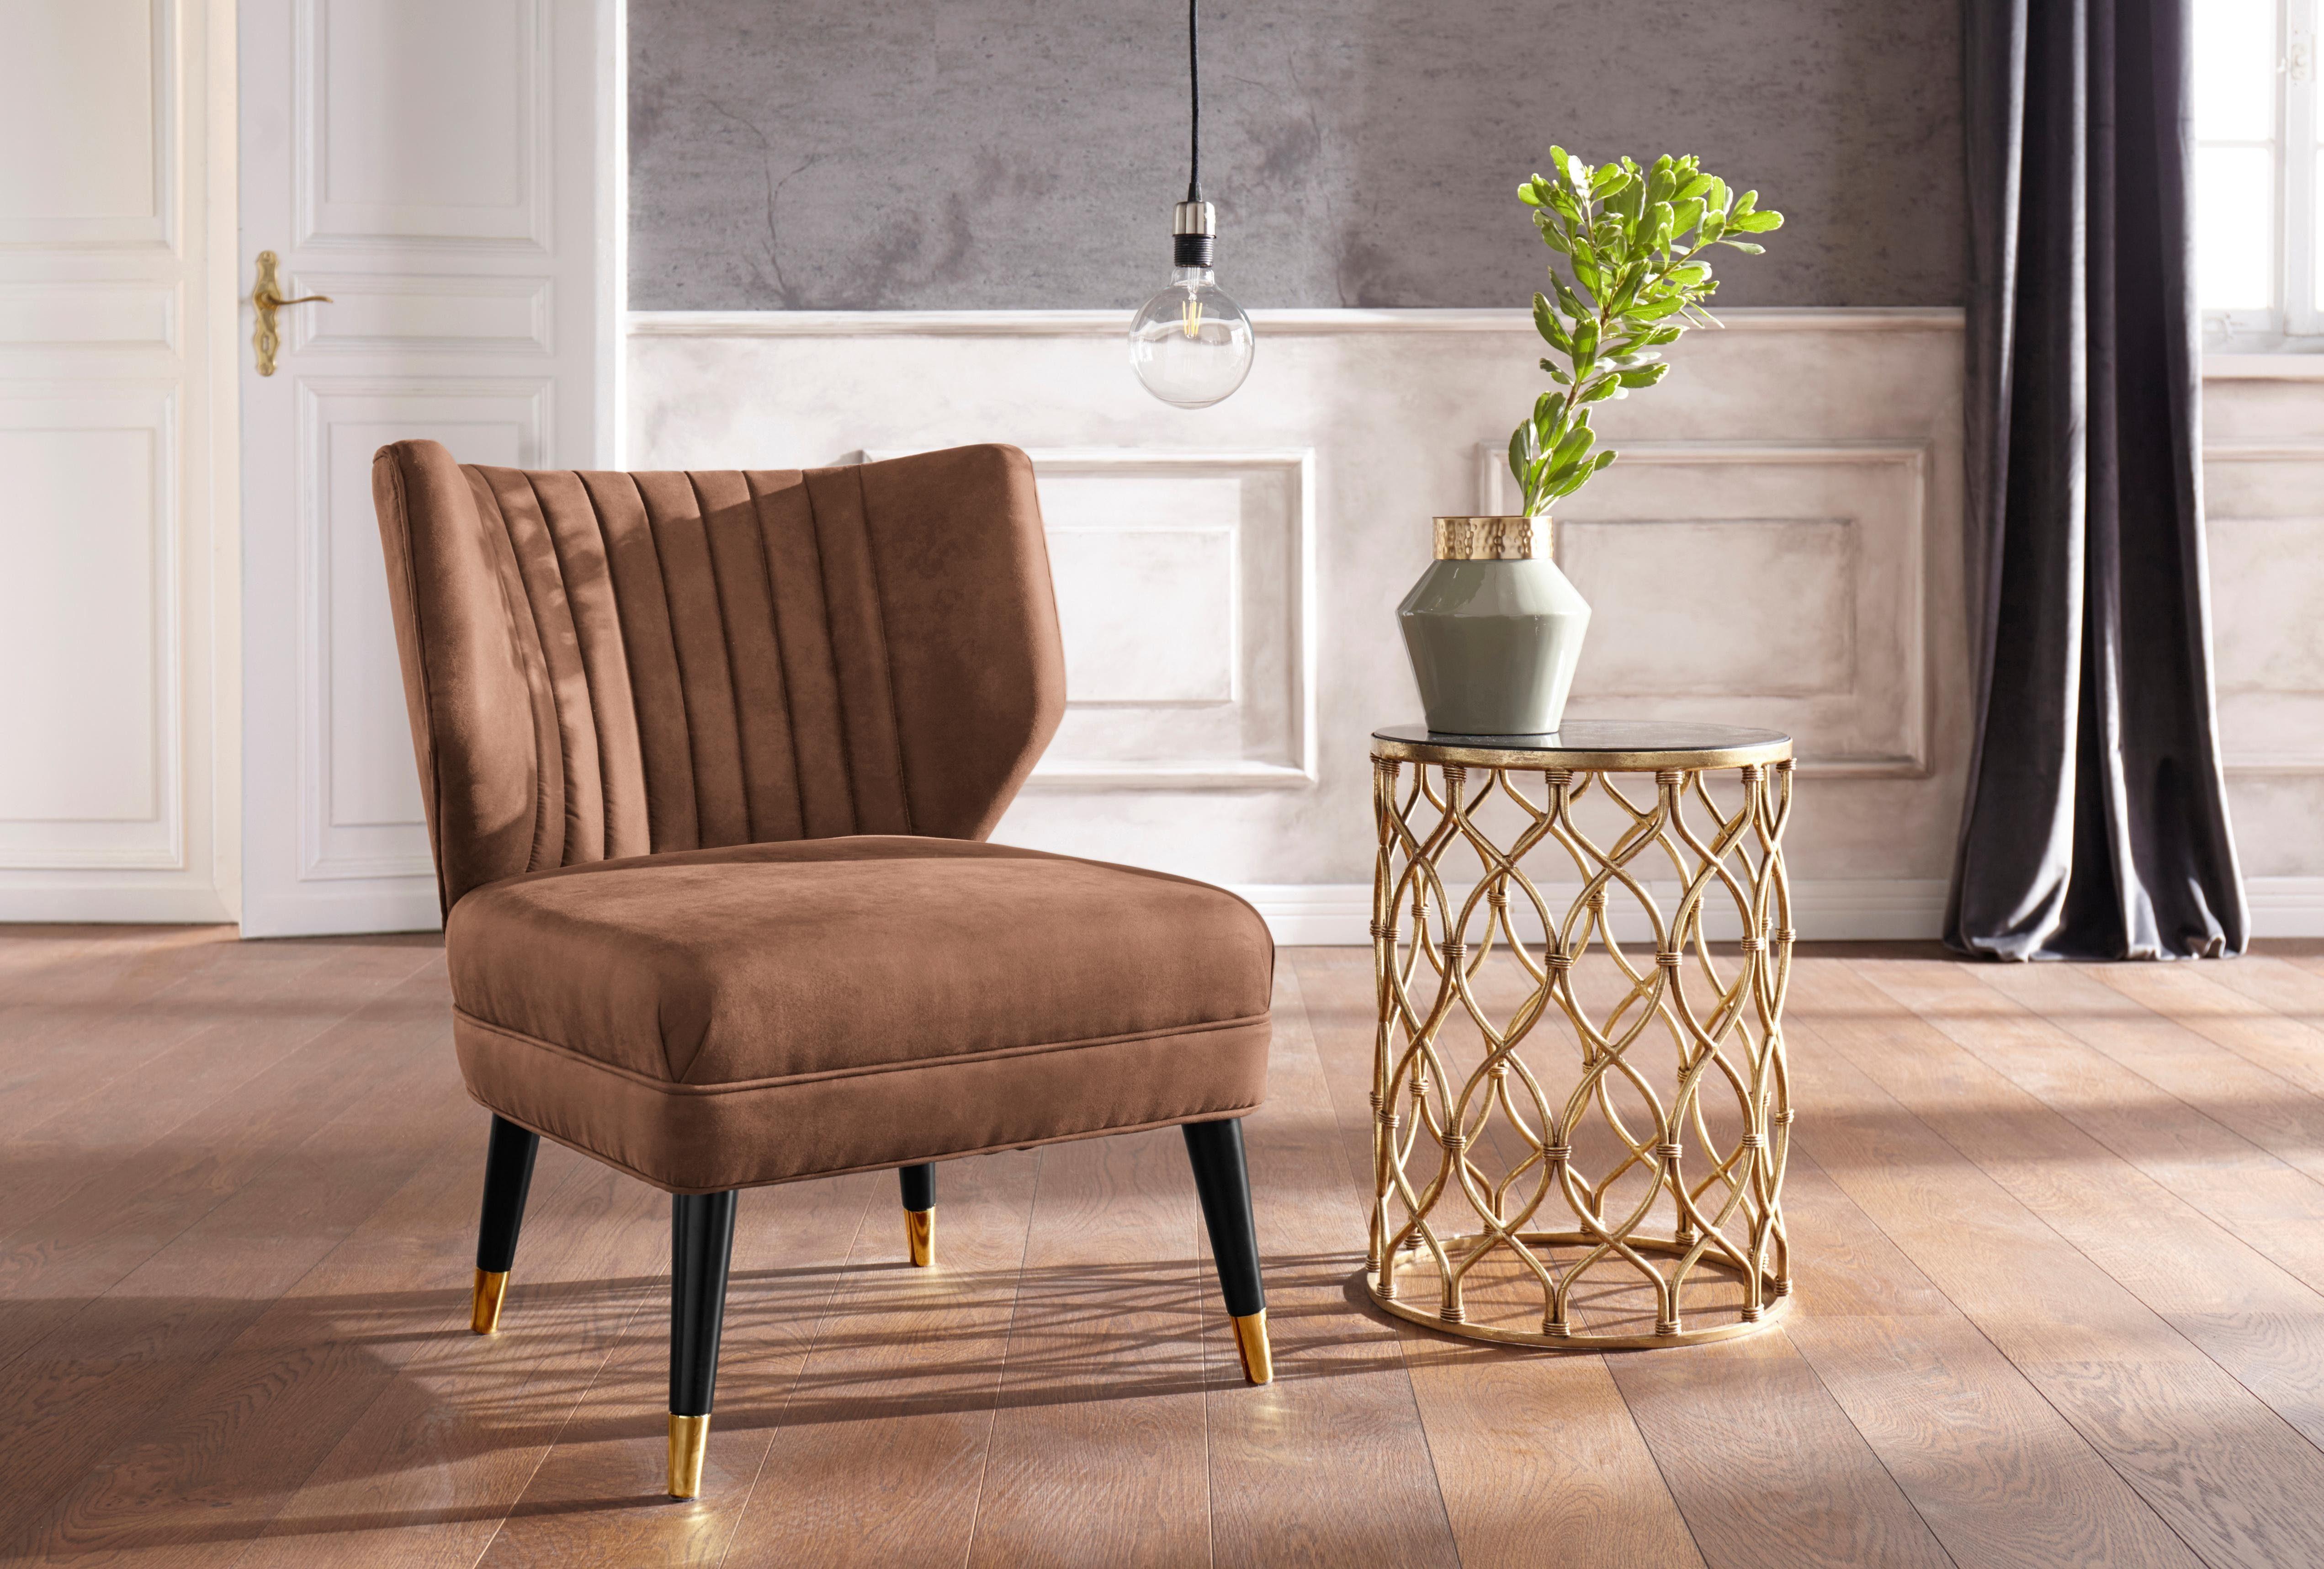 GMK Home & Living Sessel »Clermont« mit schönem Bezug aus Luxus-Microfaser in Wildlederoptik und goldfarbenen Fußabsatz